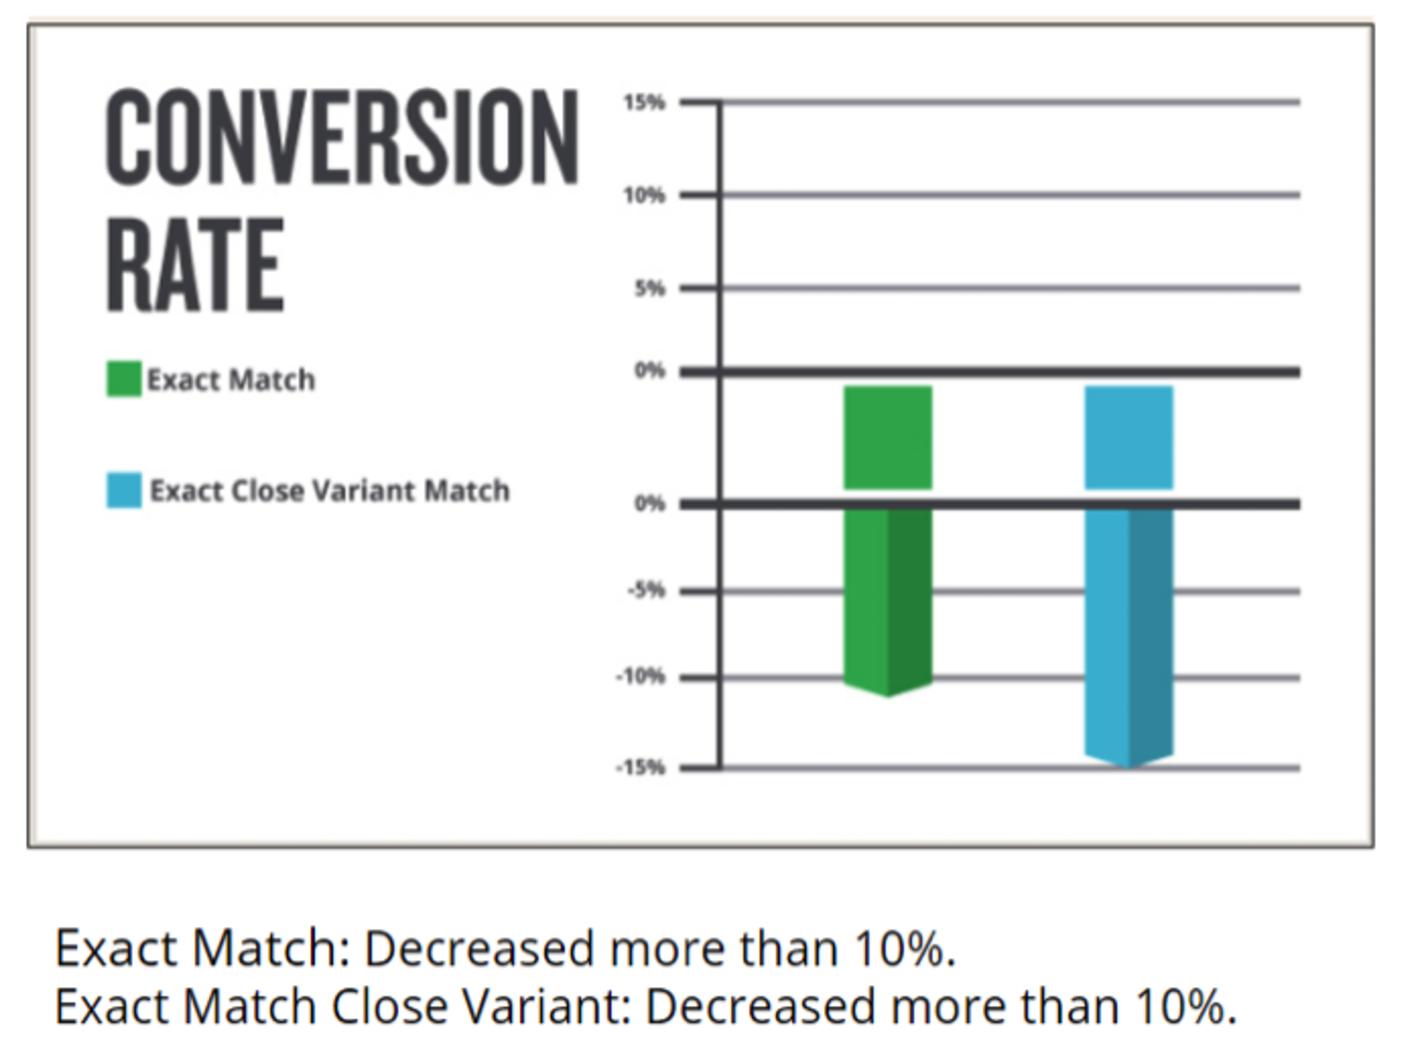 30 mẹo giúp gia tăng tỷ lệ chuyển đổi từ quảng cáo